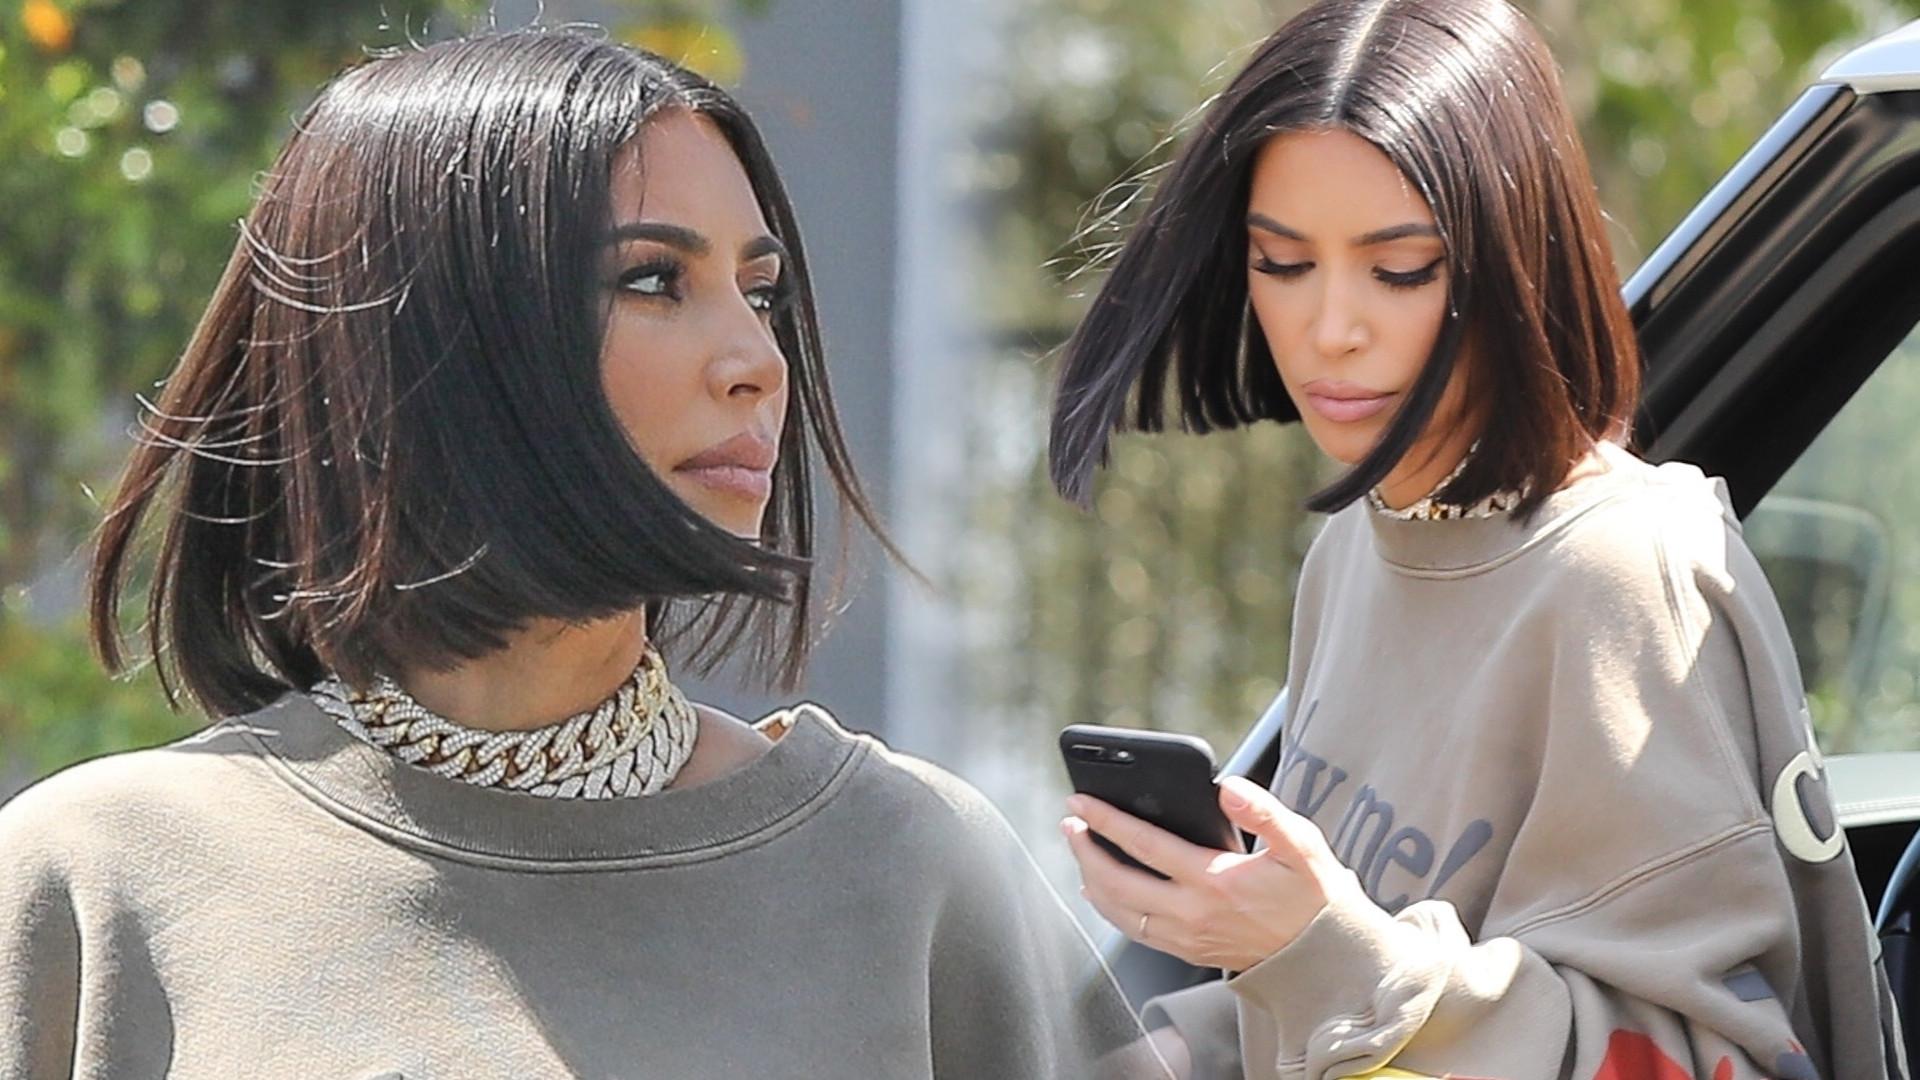 Kim Kardashian w wielkiej, szerokie bluzie. Wygląda świetnie! (ZDJĘCIA)